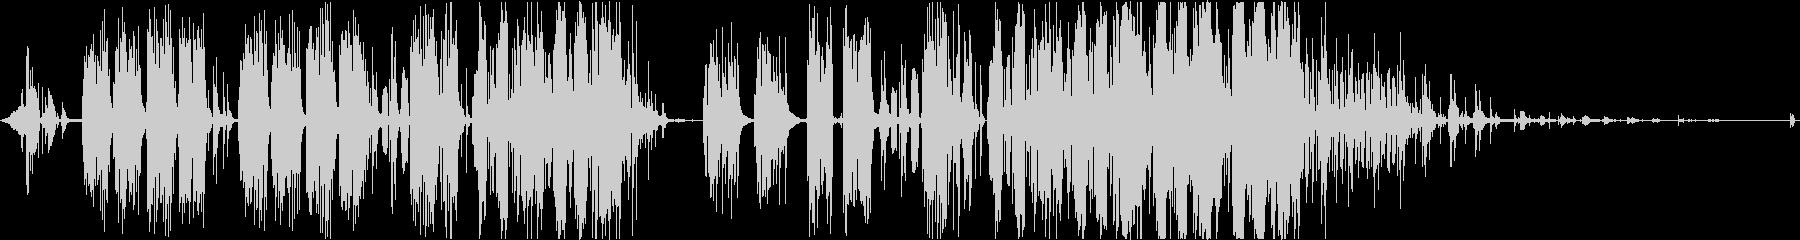 リトルメロディの未再生の波形